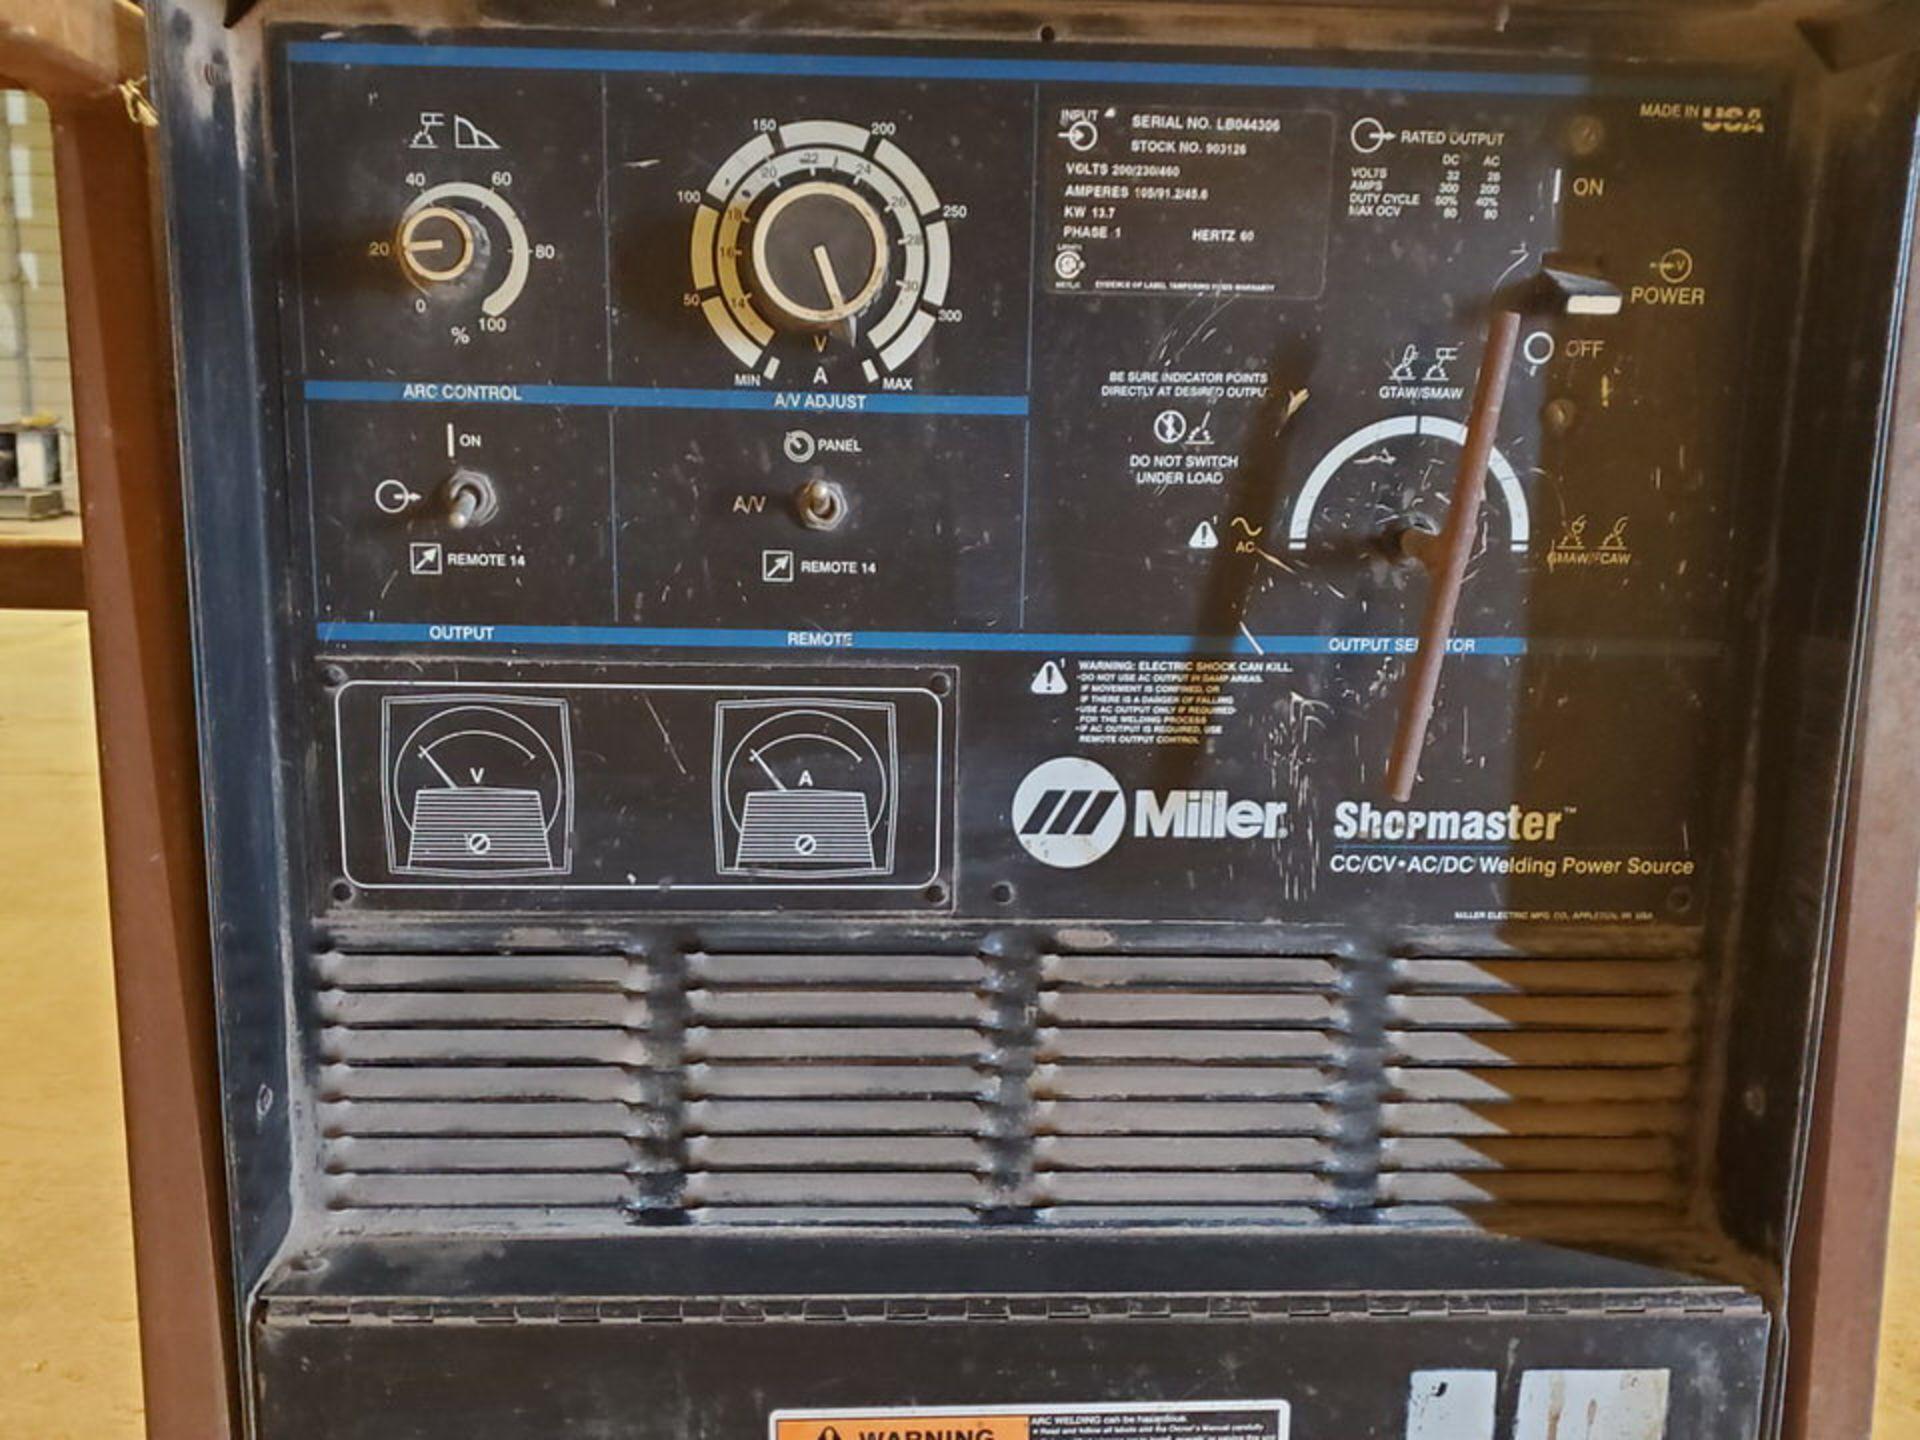 Miller Shopmaster 20 Multiprocessing Welder 200/230/460V, 105/91.2/45.6A, 1PH - Image 5 of 6